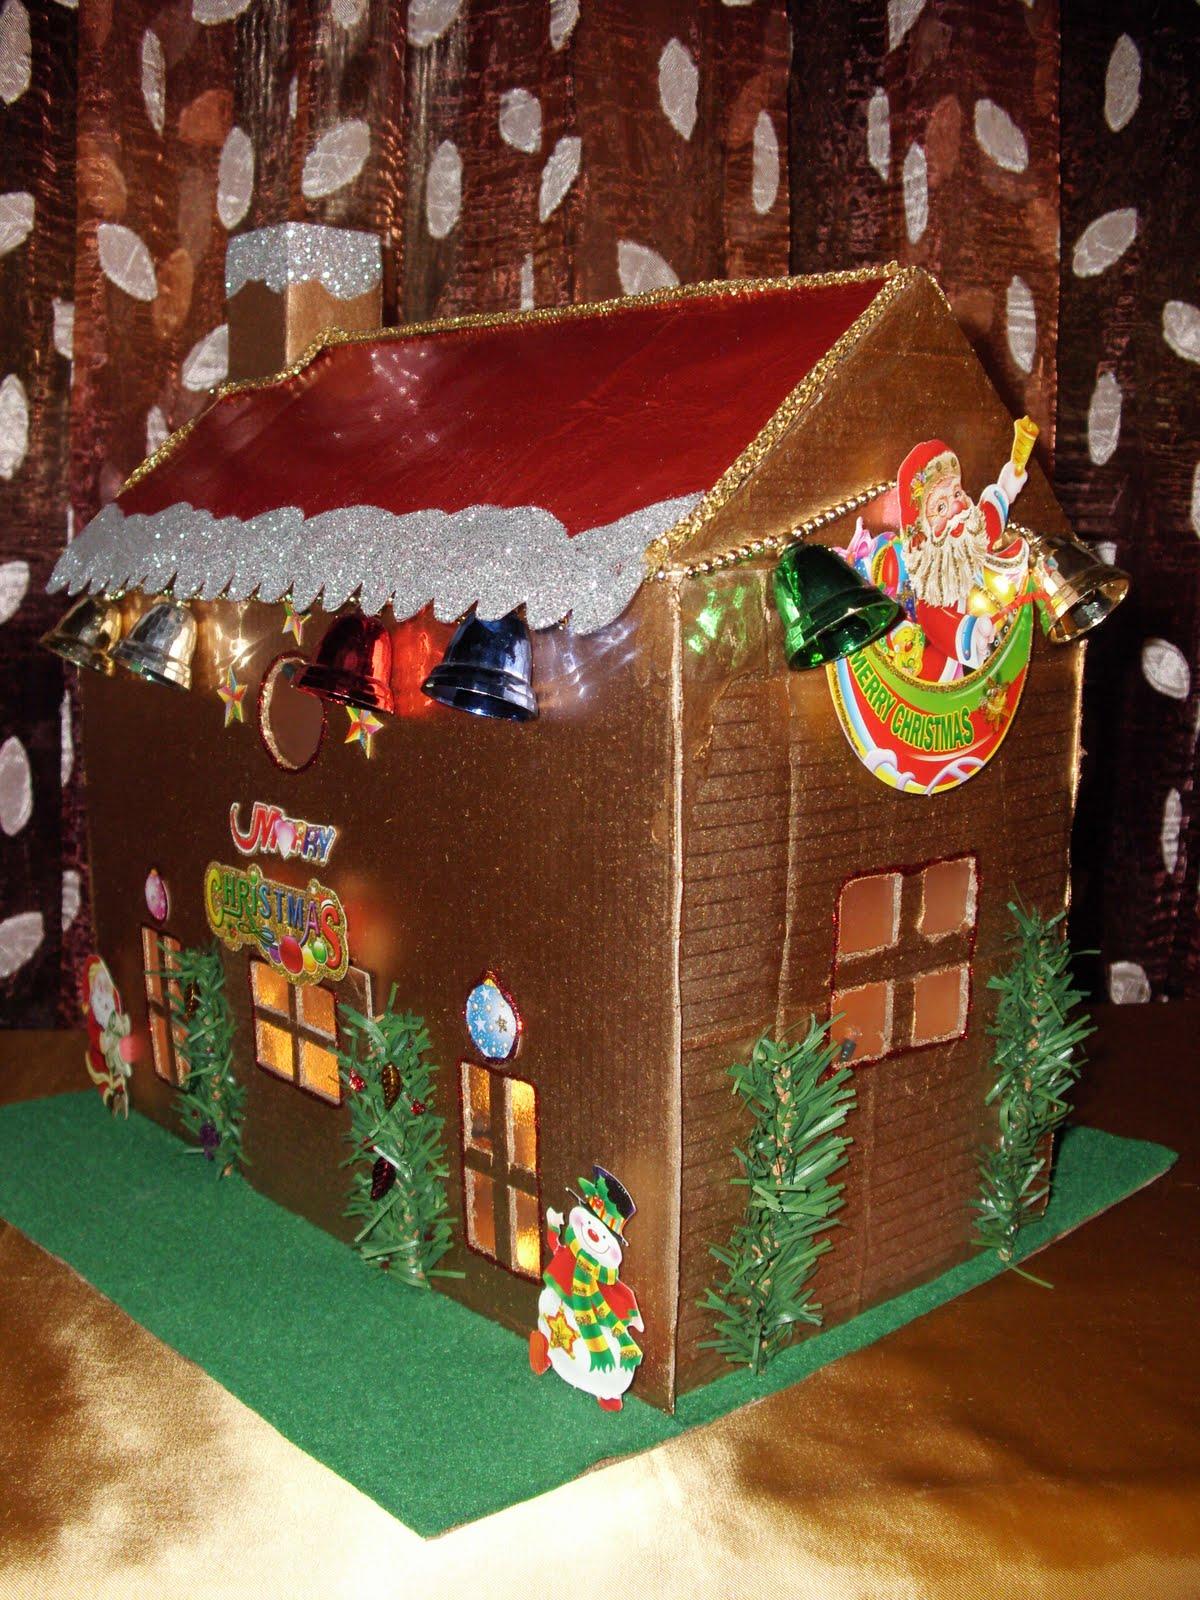 Χριστουγεννιάτικο σπιτάκι από κουτί παπουτσιών, εύκολη κατασκευή